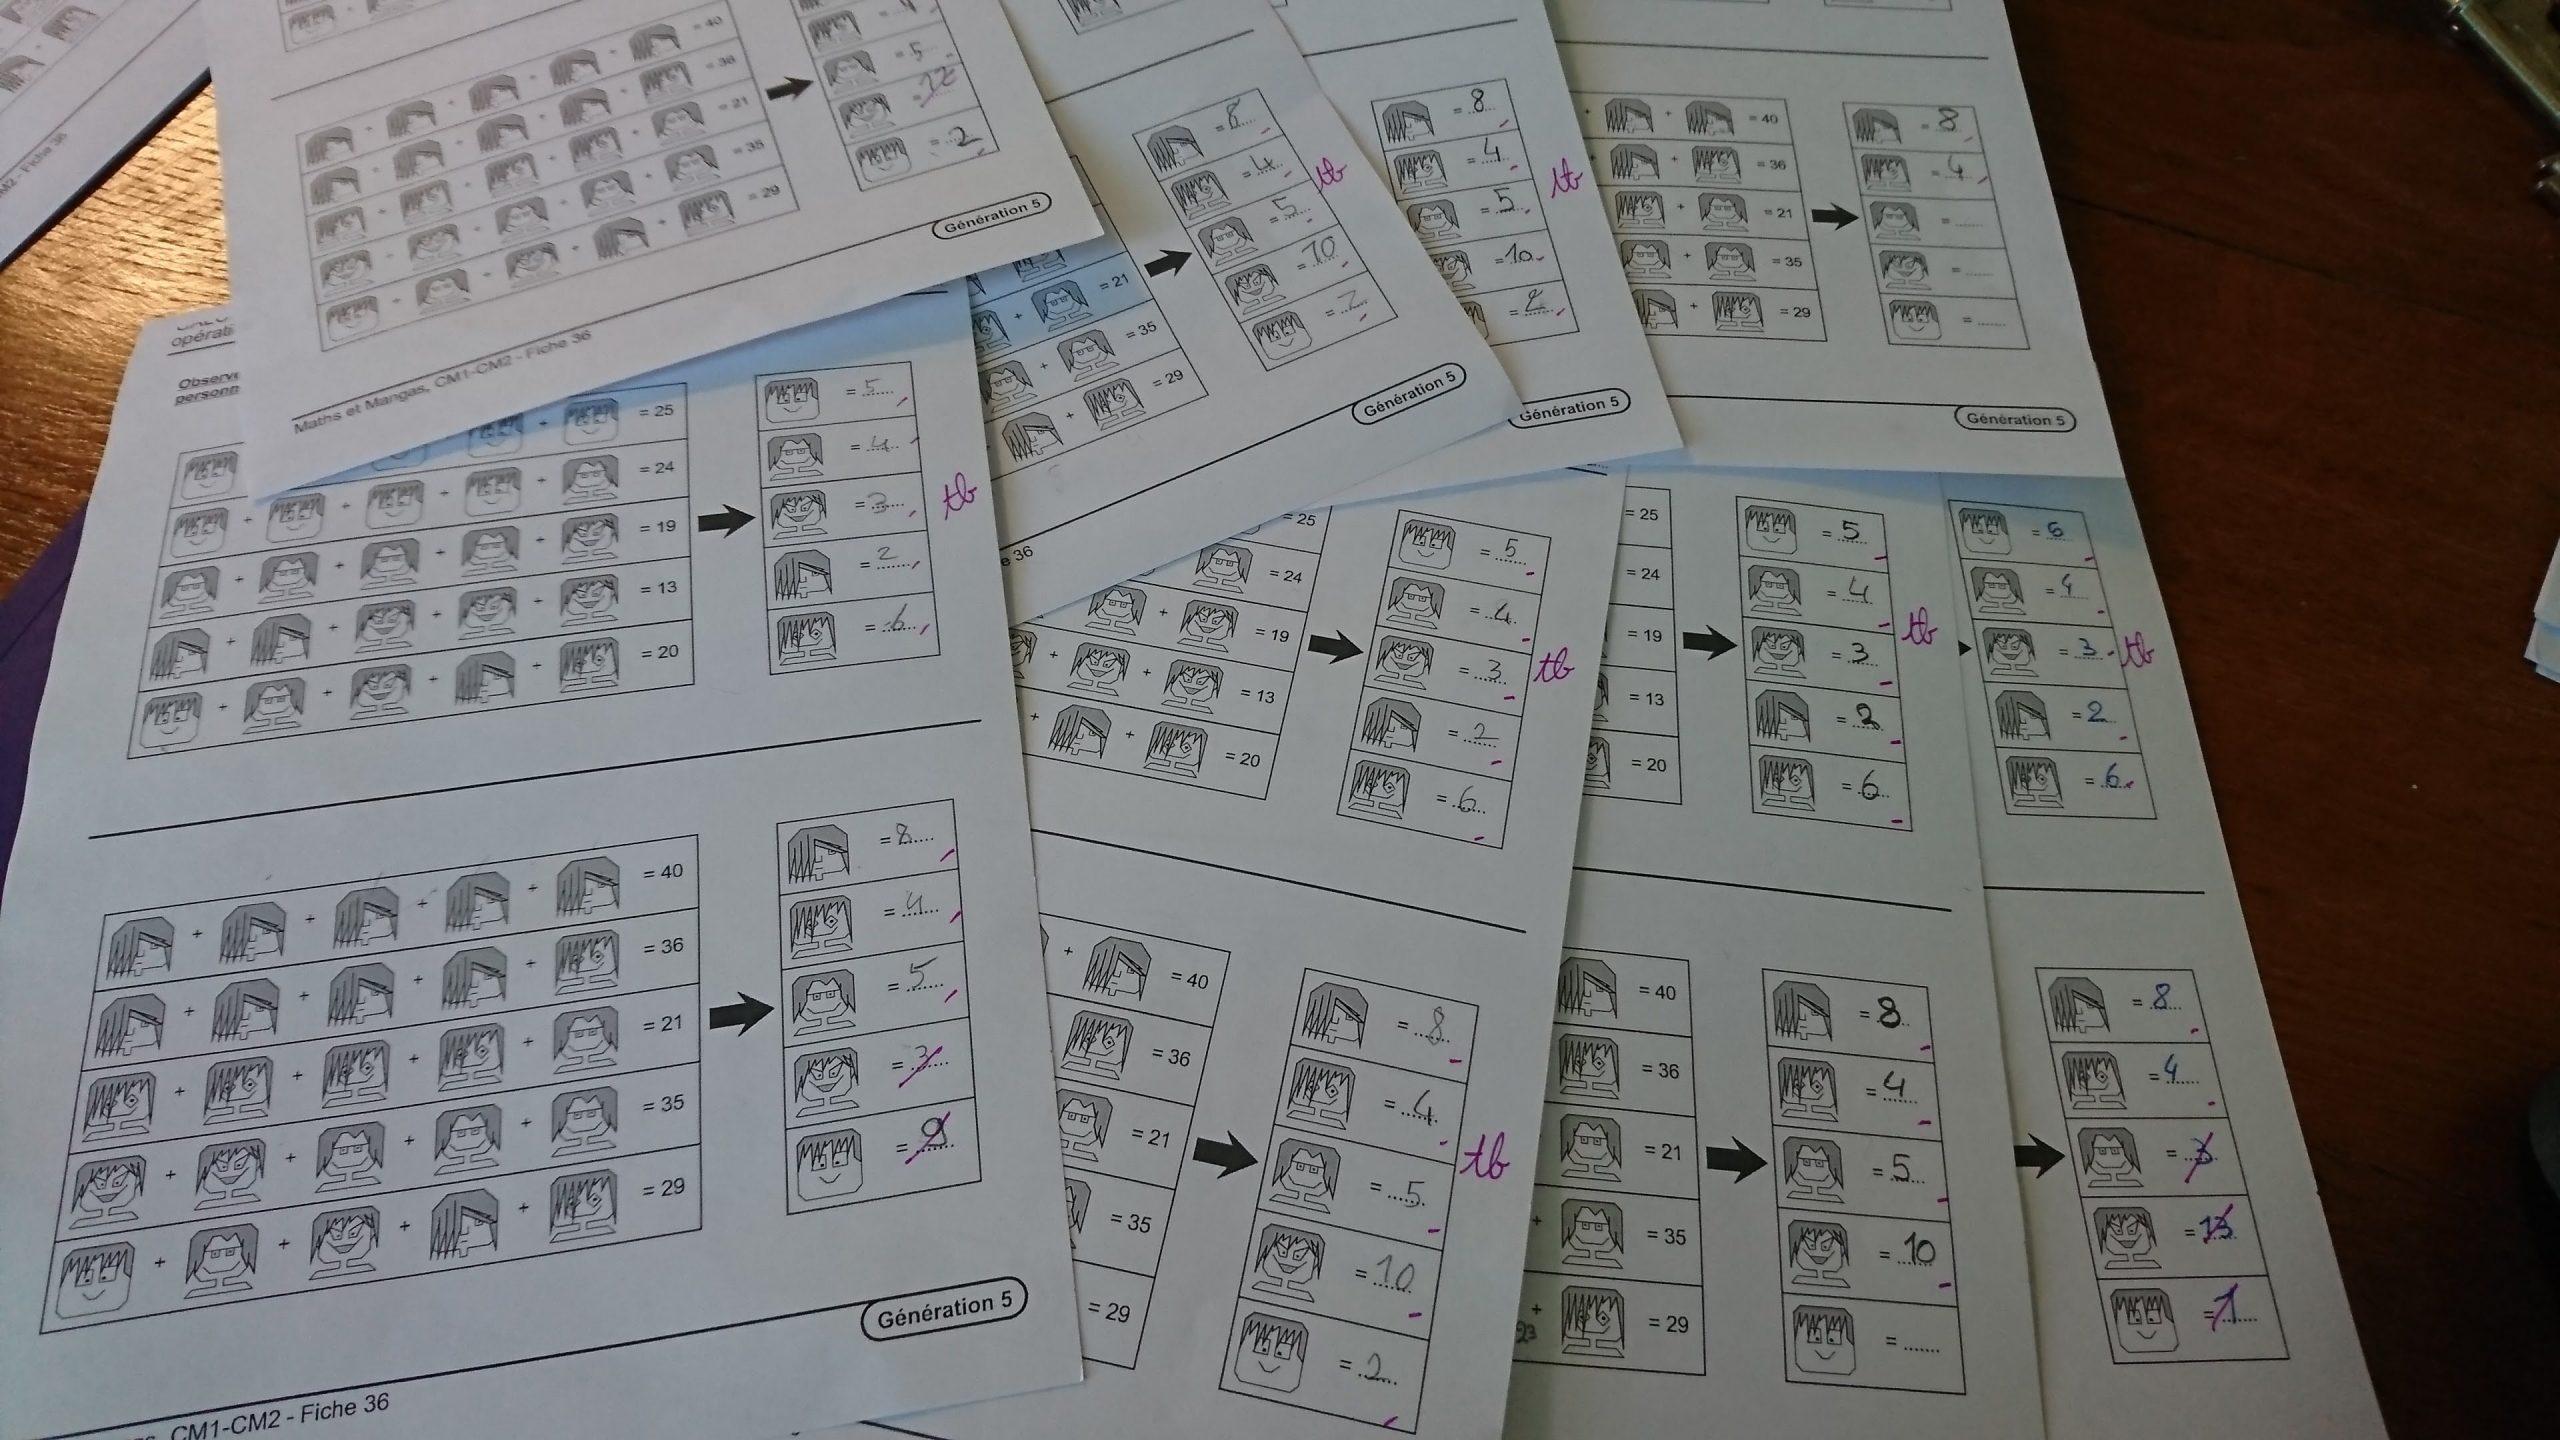 Mhm… Retour D'expérience Après Une Année De Test - Maikresse72 pour Cours Ce2 A Imprimer